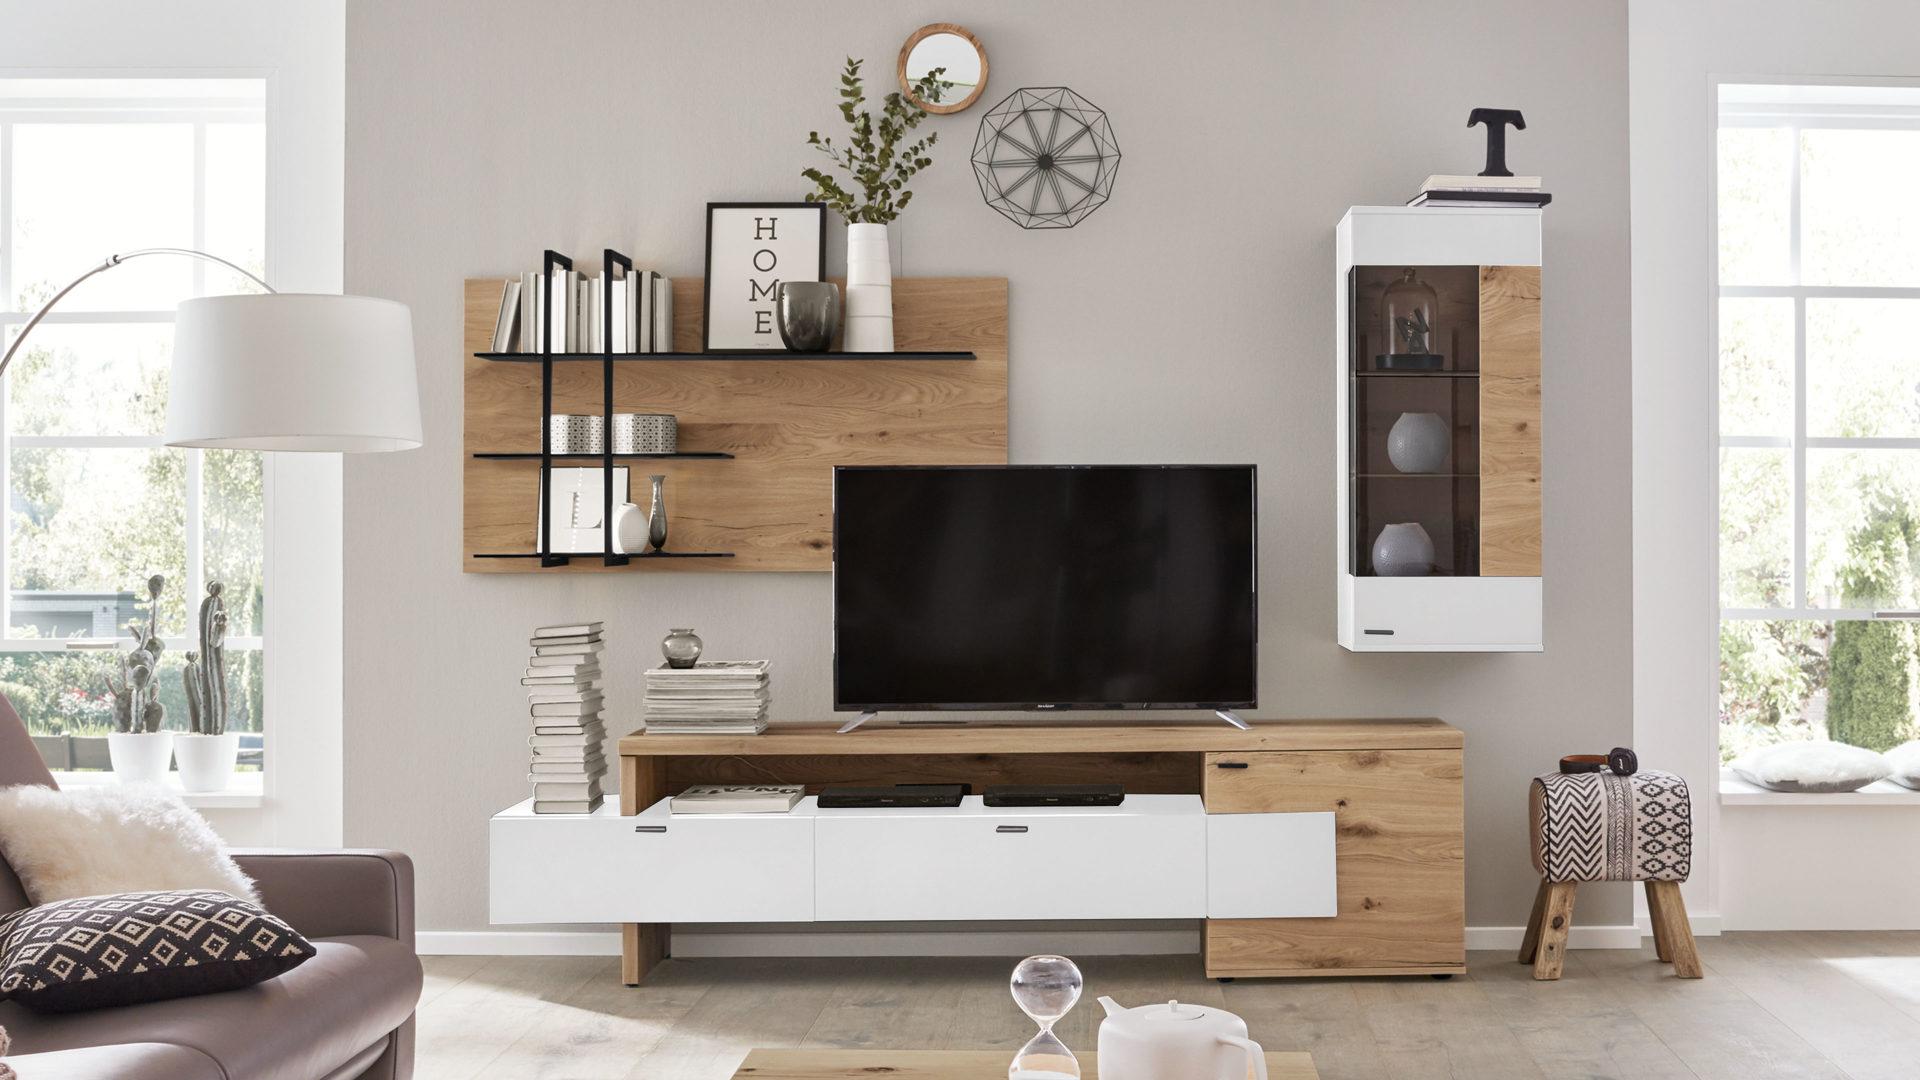 Interliving Wohnzimmer Serie 10 – Wohnkombination, weiße Lackoberflächen  & Balkeneiche – dreiteilig, ca. 10 cm